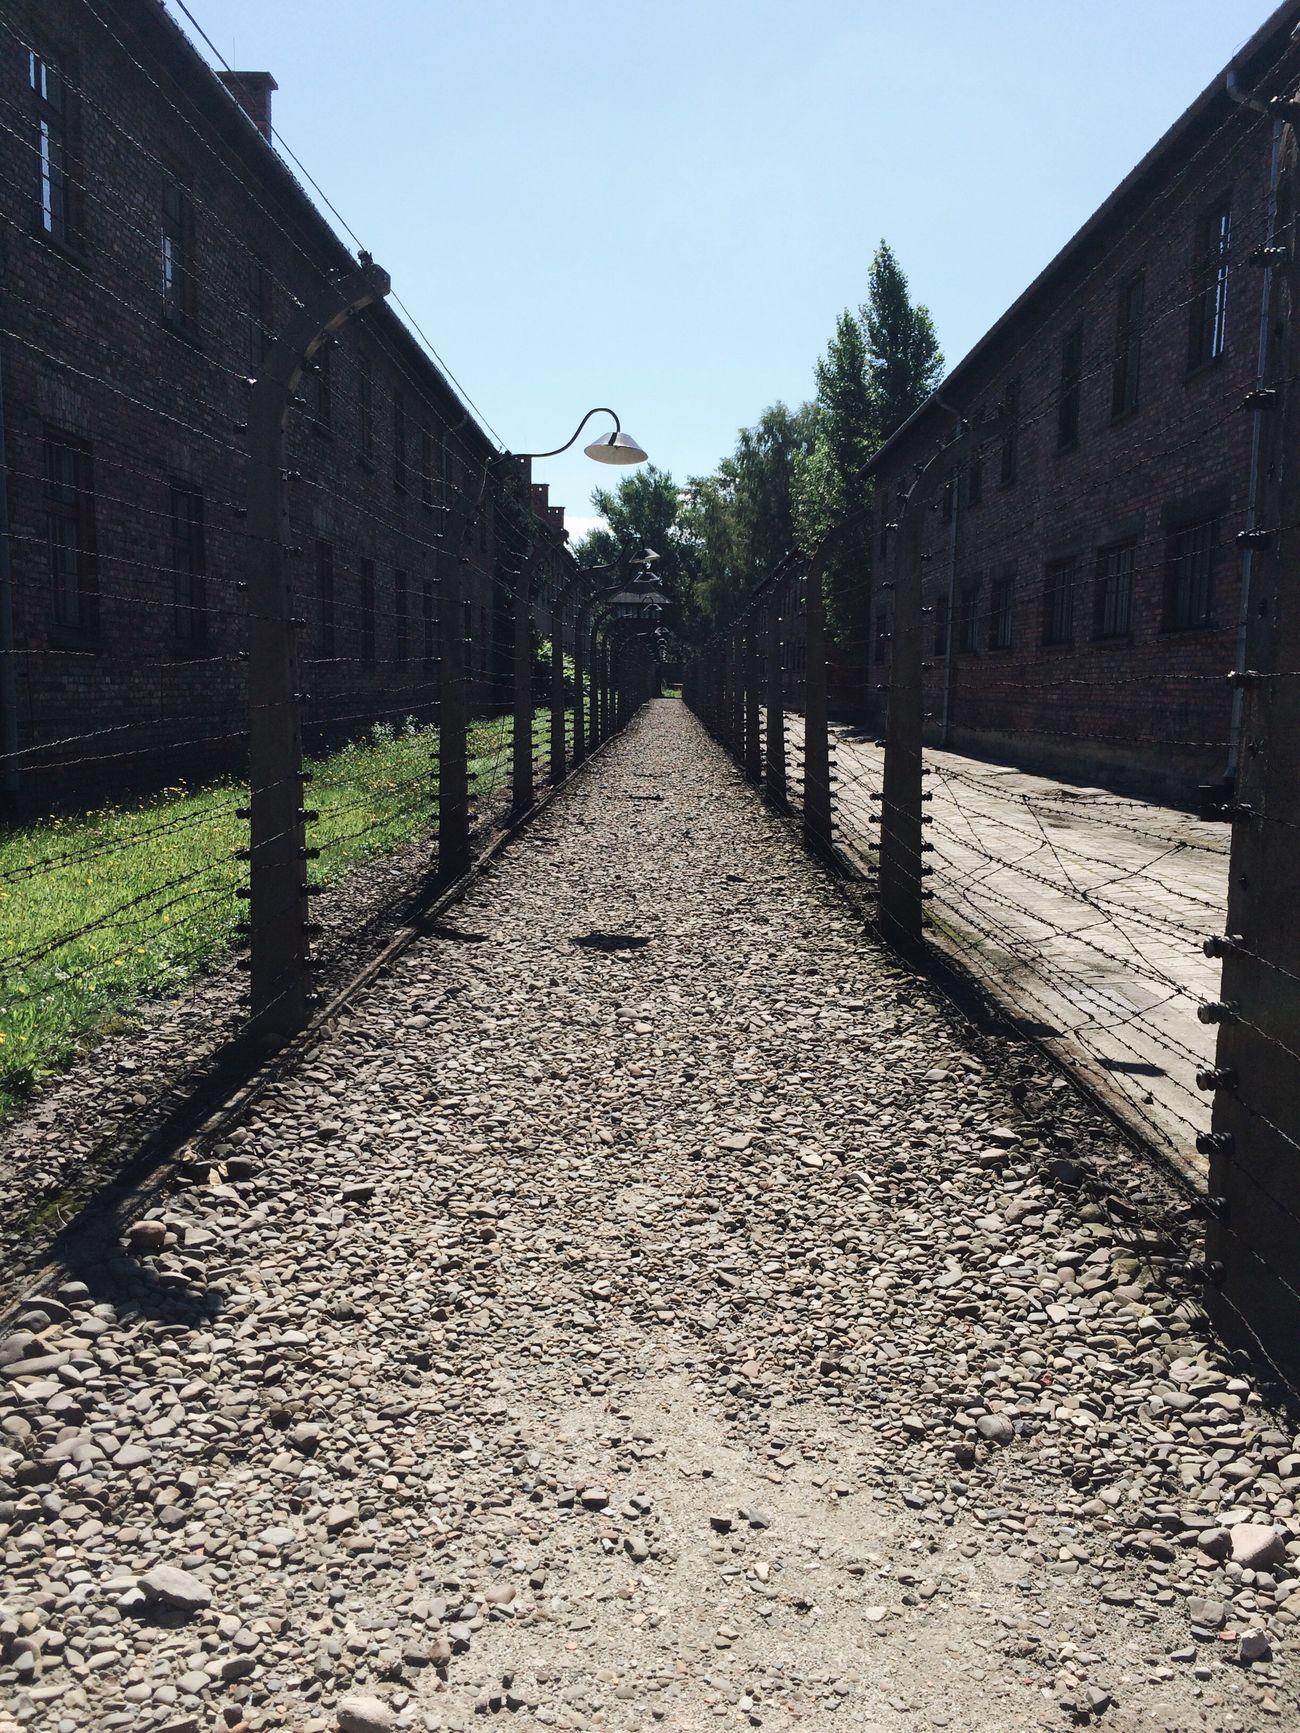 Jmj JMJEUFUI JmjCracovia2016 Jmj2016 Wyd WYD2016 Poland Polska Auschwitz  Auschwitz Birkenau Auschwitz Memorial Auschwitz_Birkenau Poland Is Beautiful